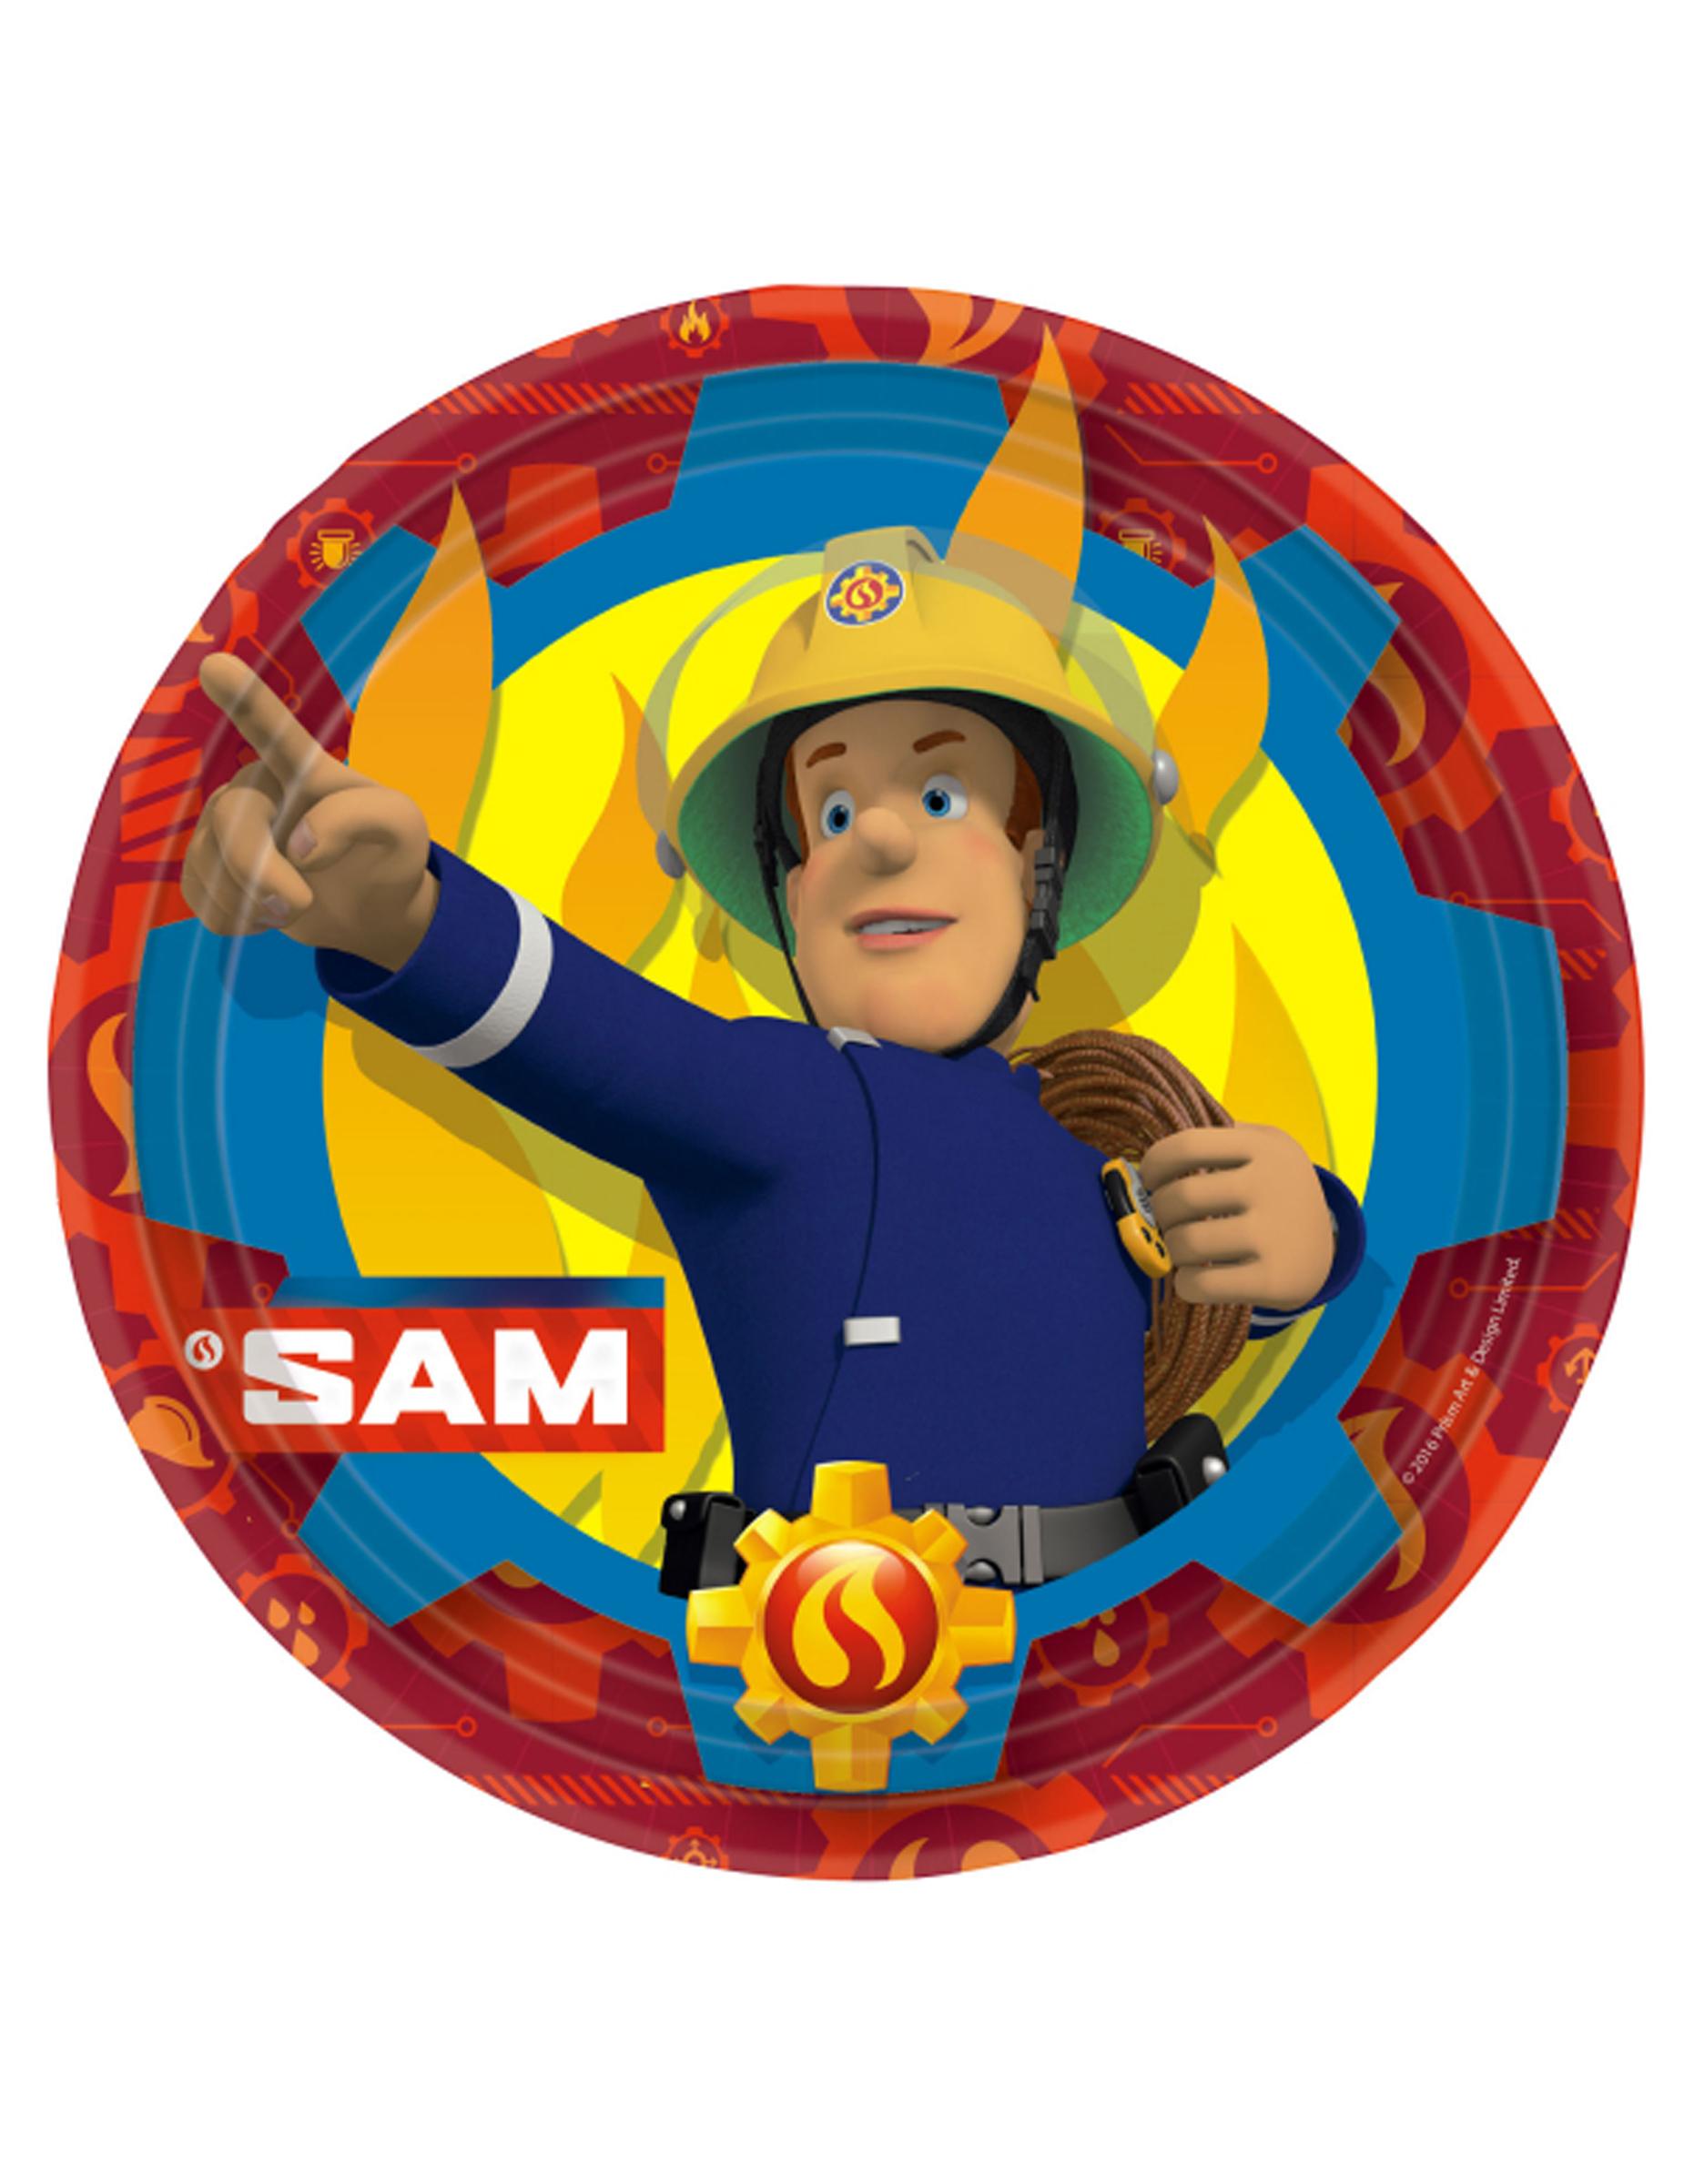 Vaak 8 Brandweerman Sam™ borden 23 cm: Decoratie,en goedkope @HZ35